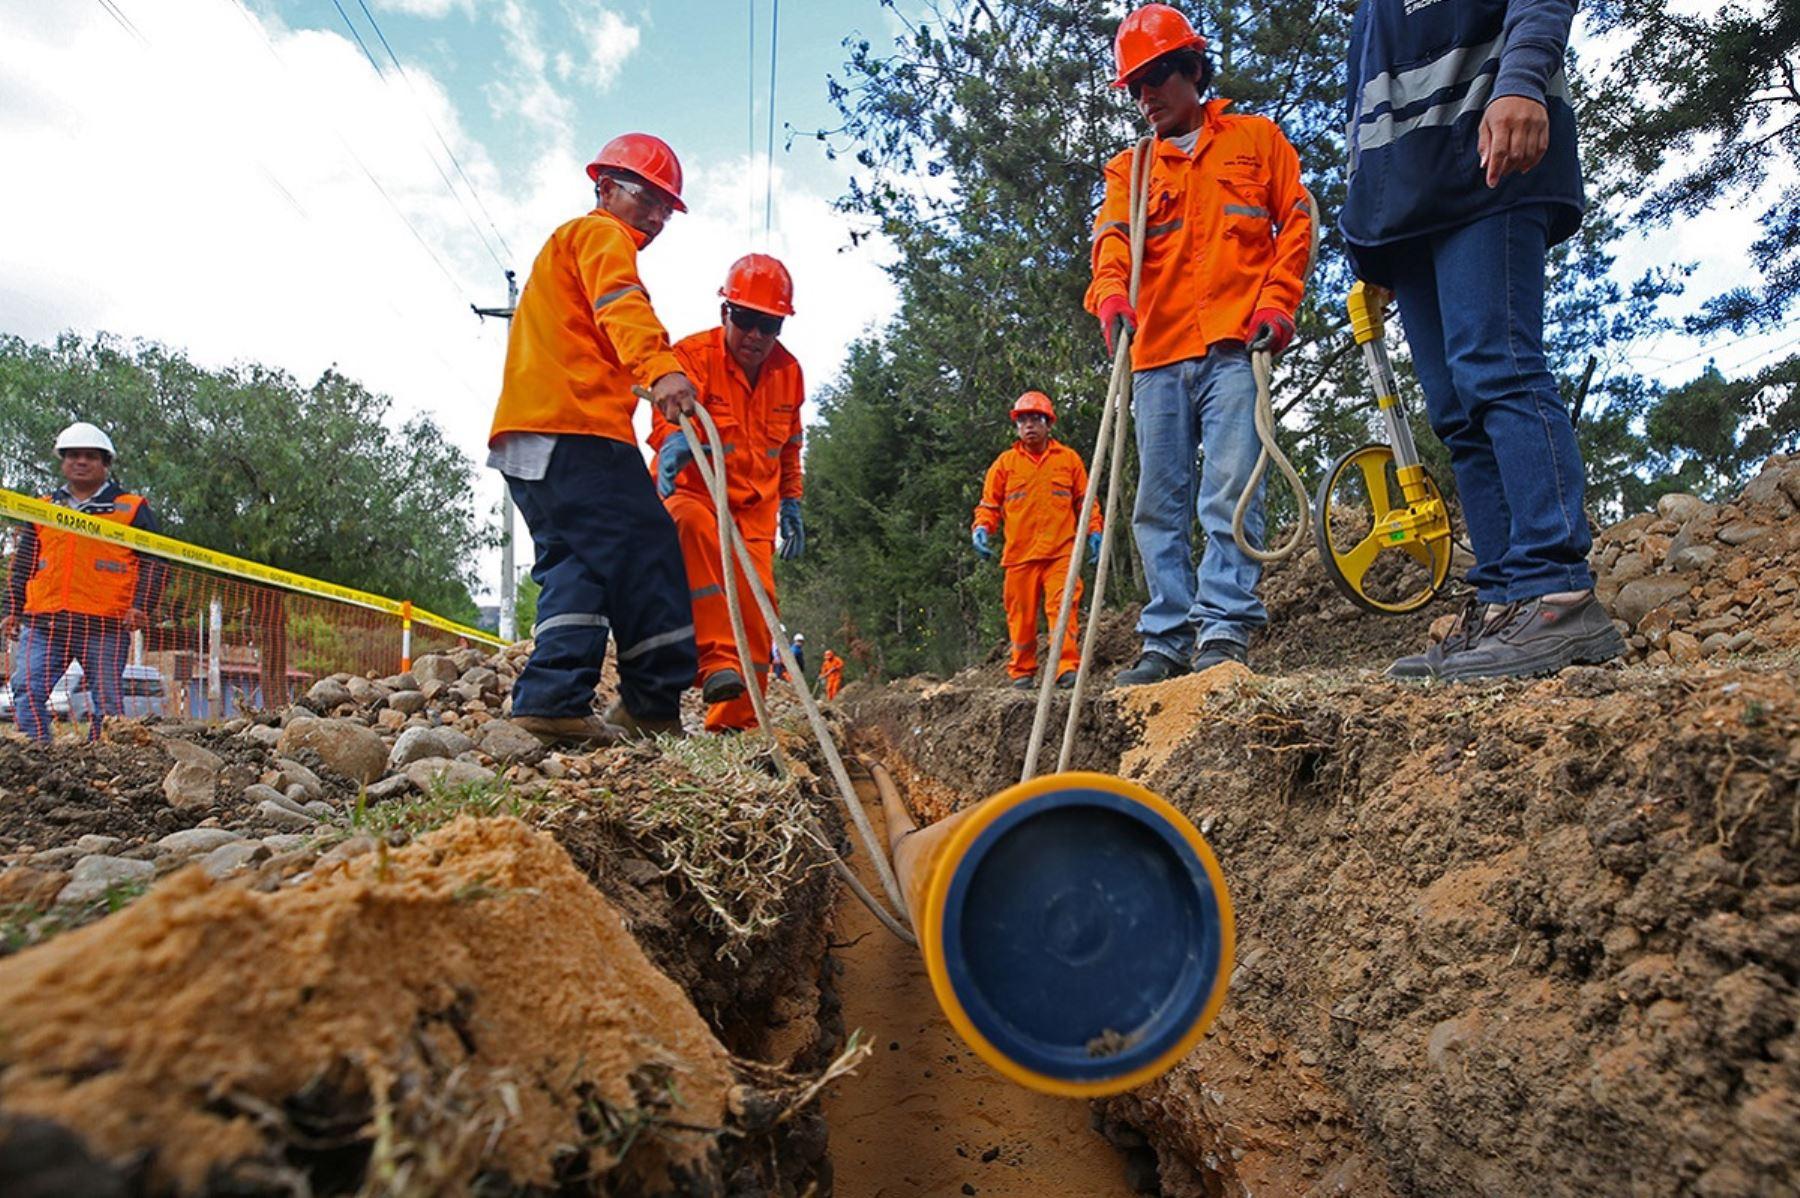 reconstruccion-con-cambios-invertira-s800-millones-en-proyecto-de-drenajes-pluviales-del-2022-al-2024